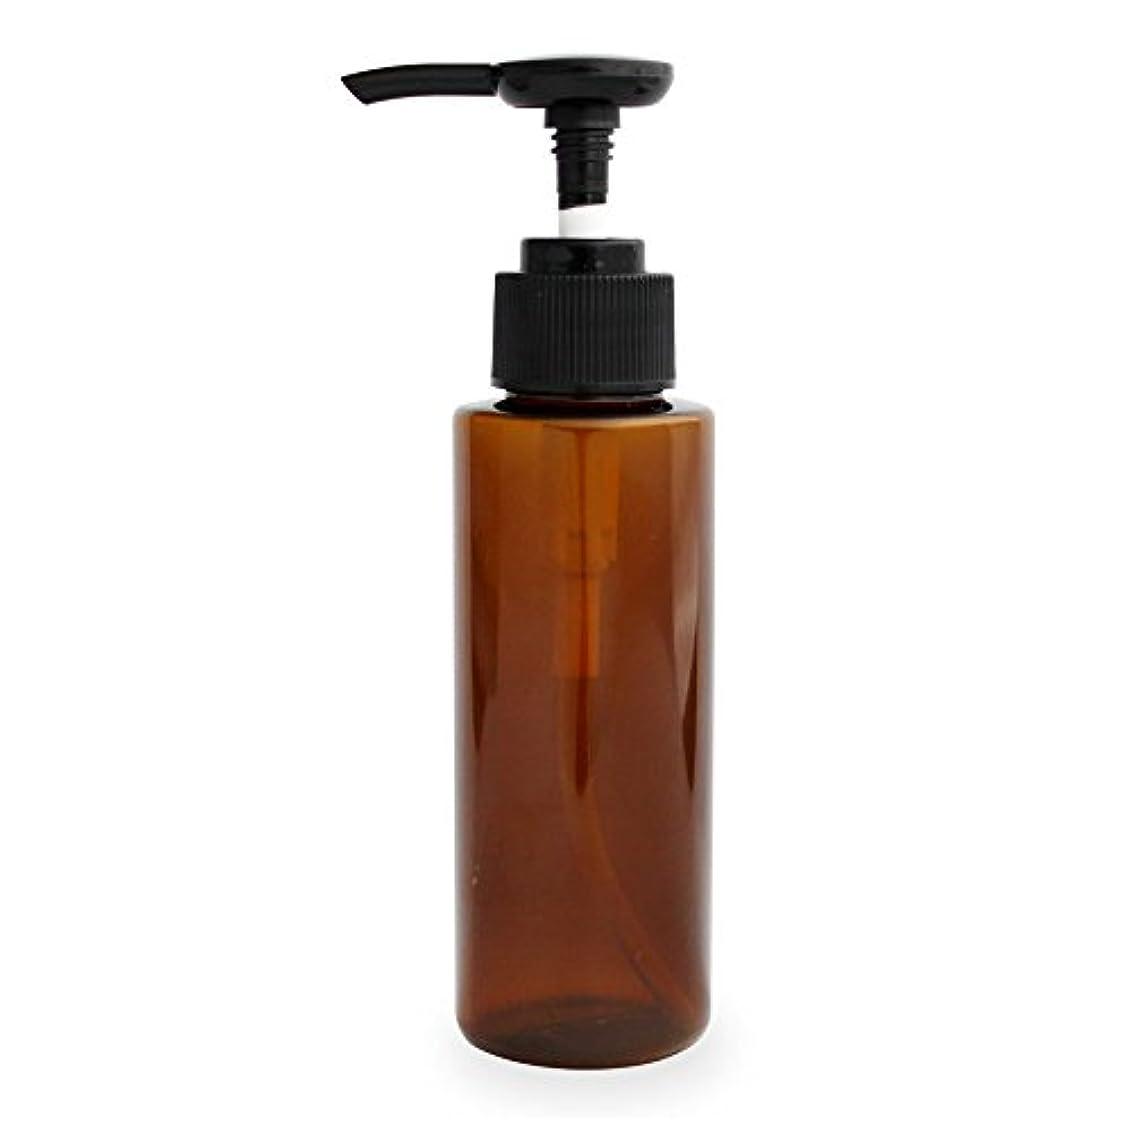 震えマウスアボートポンプボトル100ml(ブラウン)(プラスチック容器 オイル用空瓶 プラスチック製-PET 空ボトル プッシュポンプ)